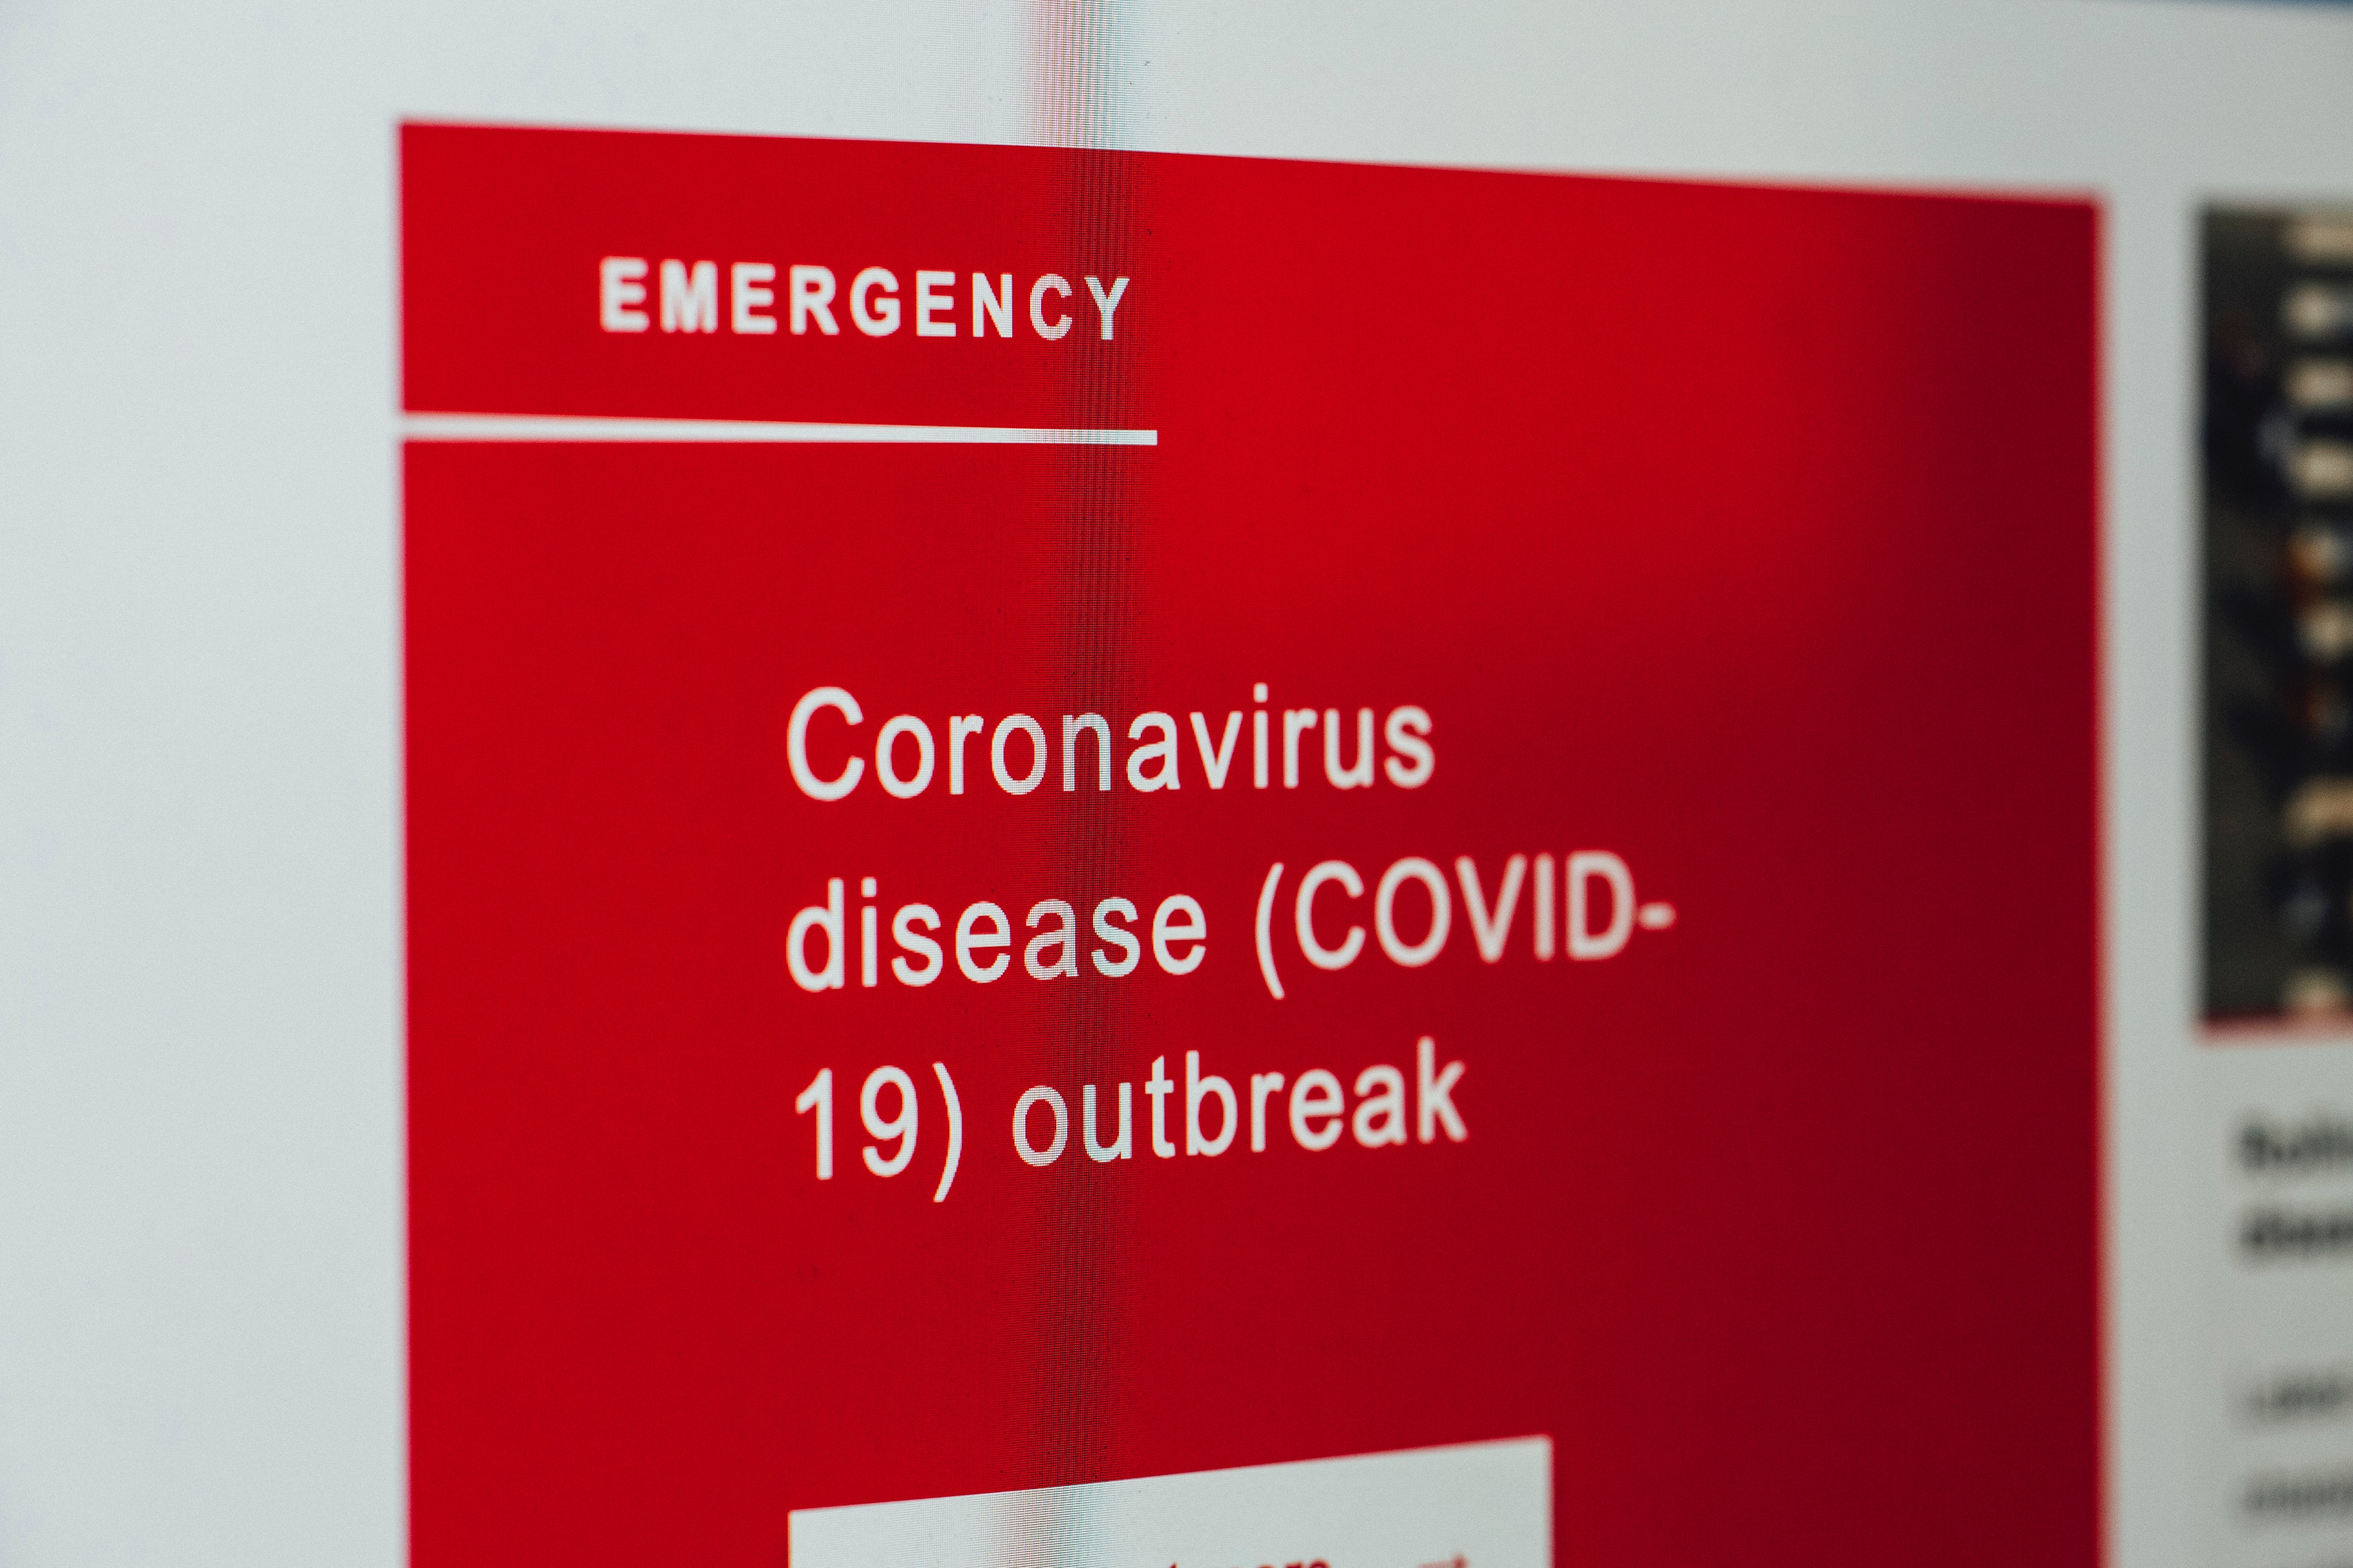 Terapkan 5 cara ini agar lebih terhindar dari bahaya virus Corona